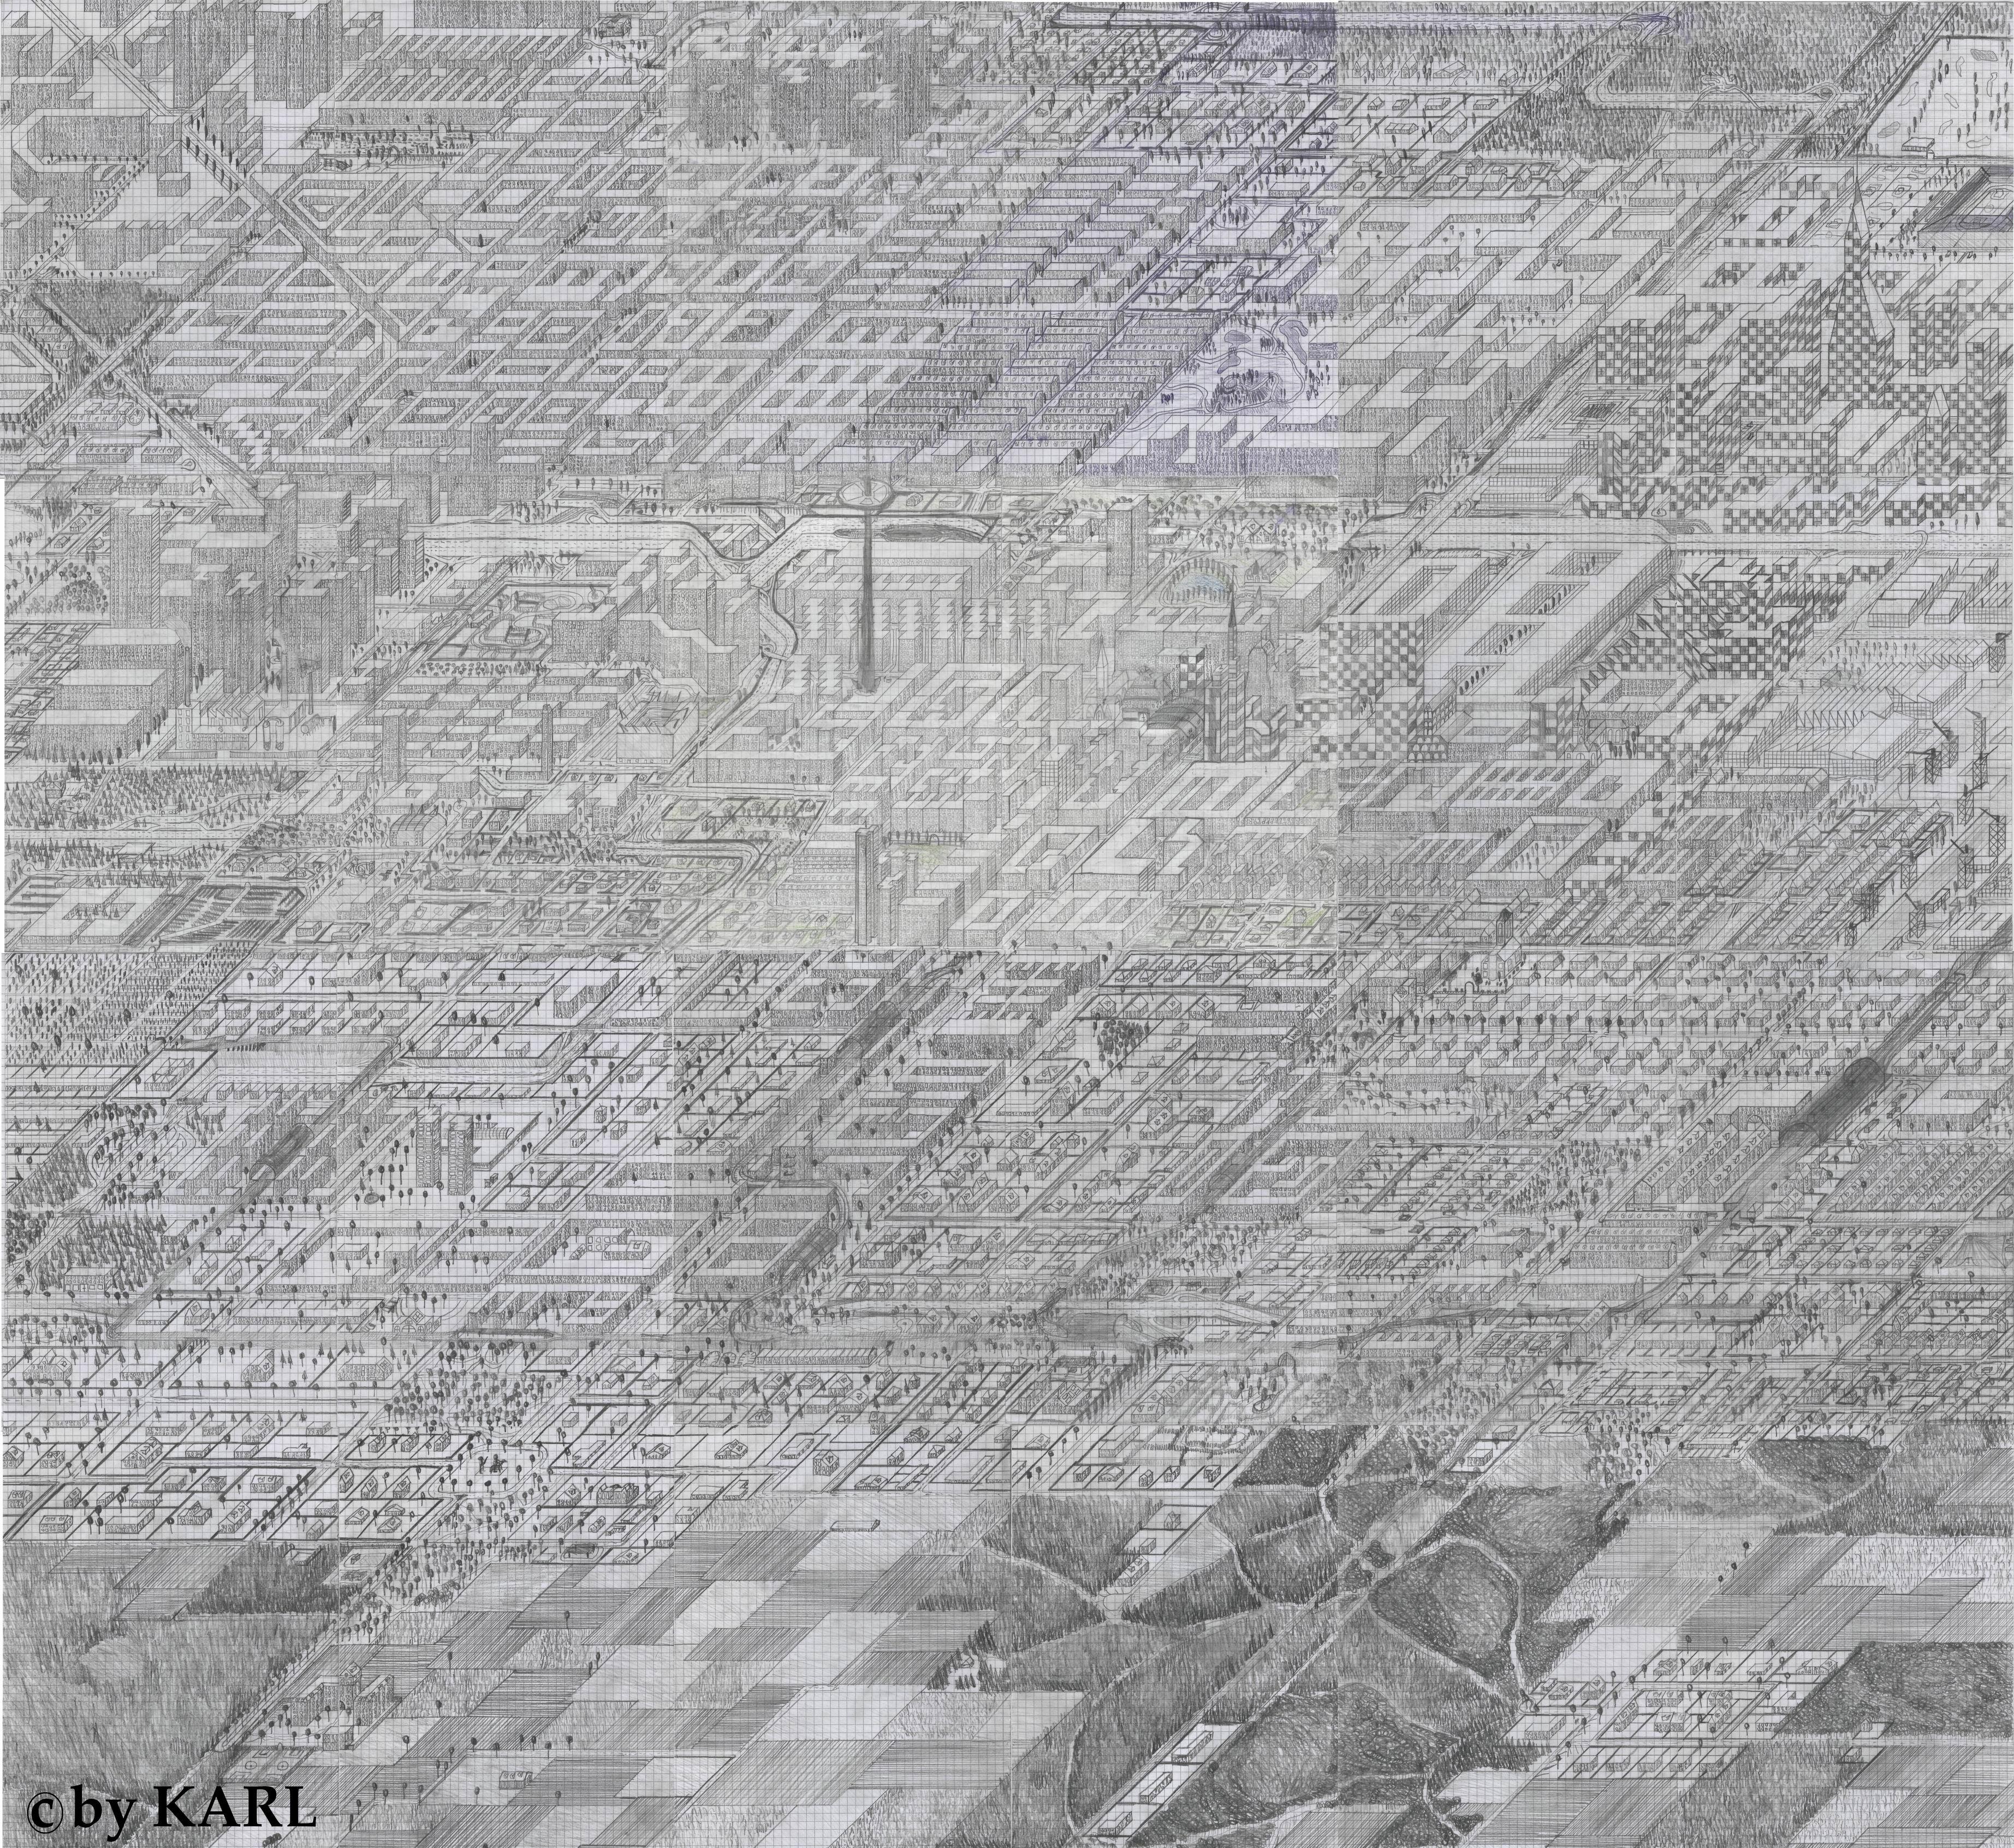 Millionenstadt map (isometric)